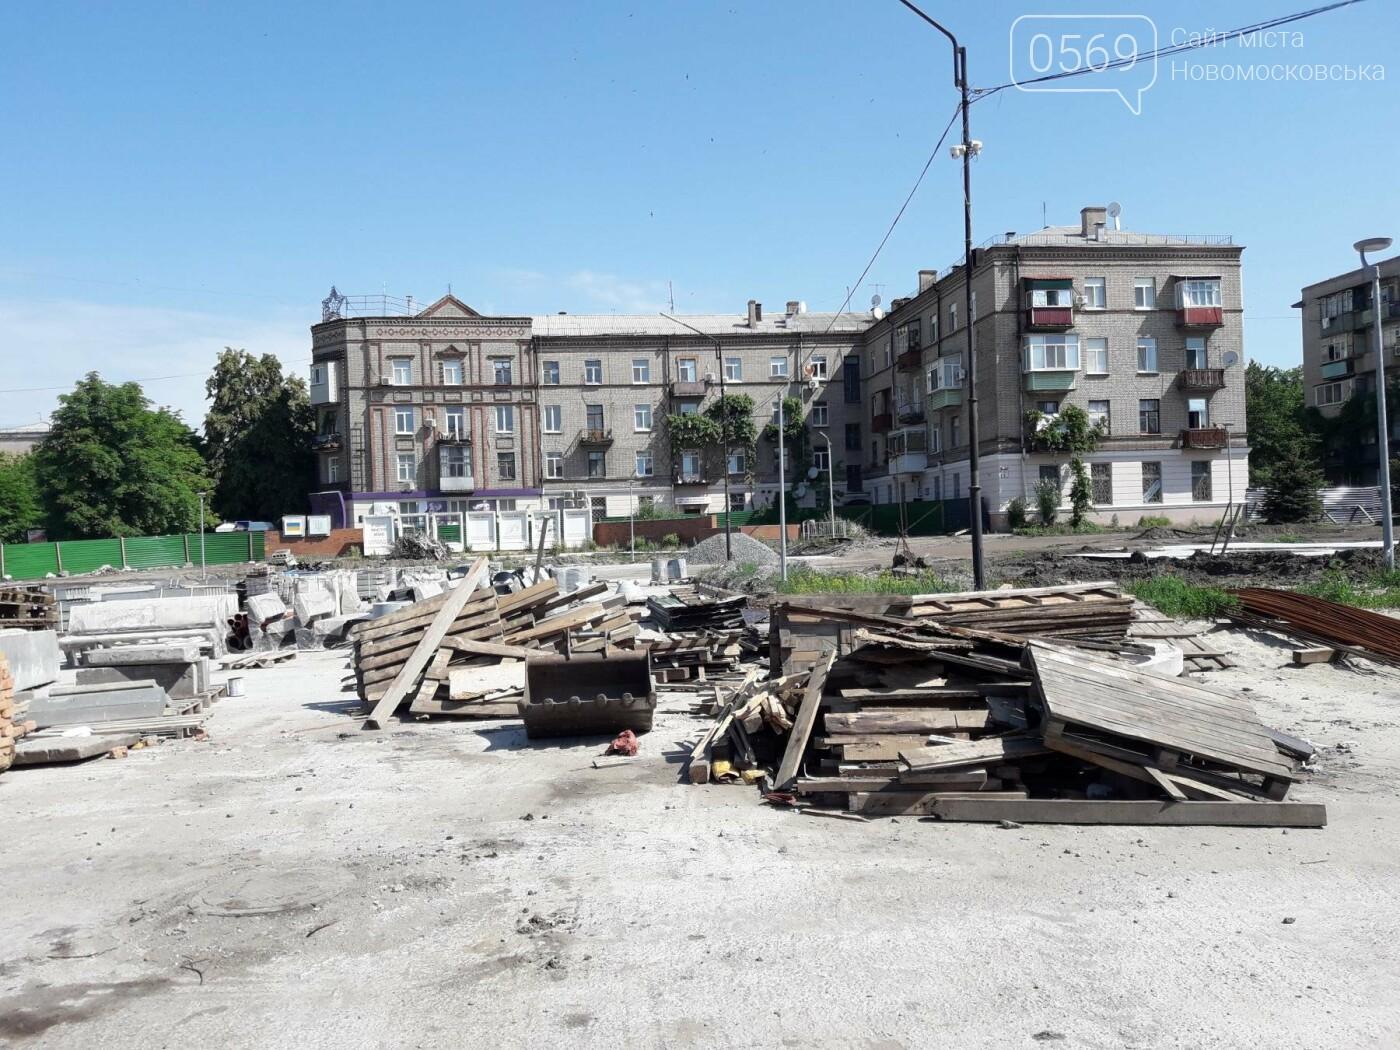 В Новомосковске продолжают реконструировать площадь Героев, фото-5